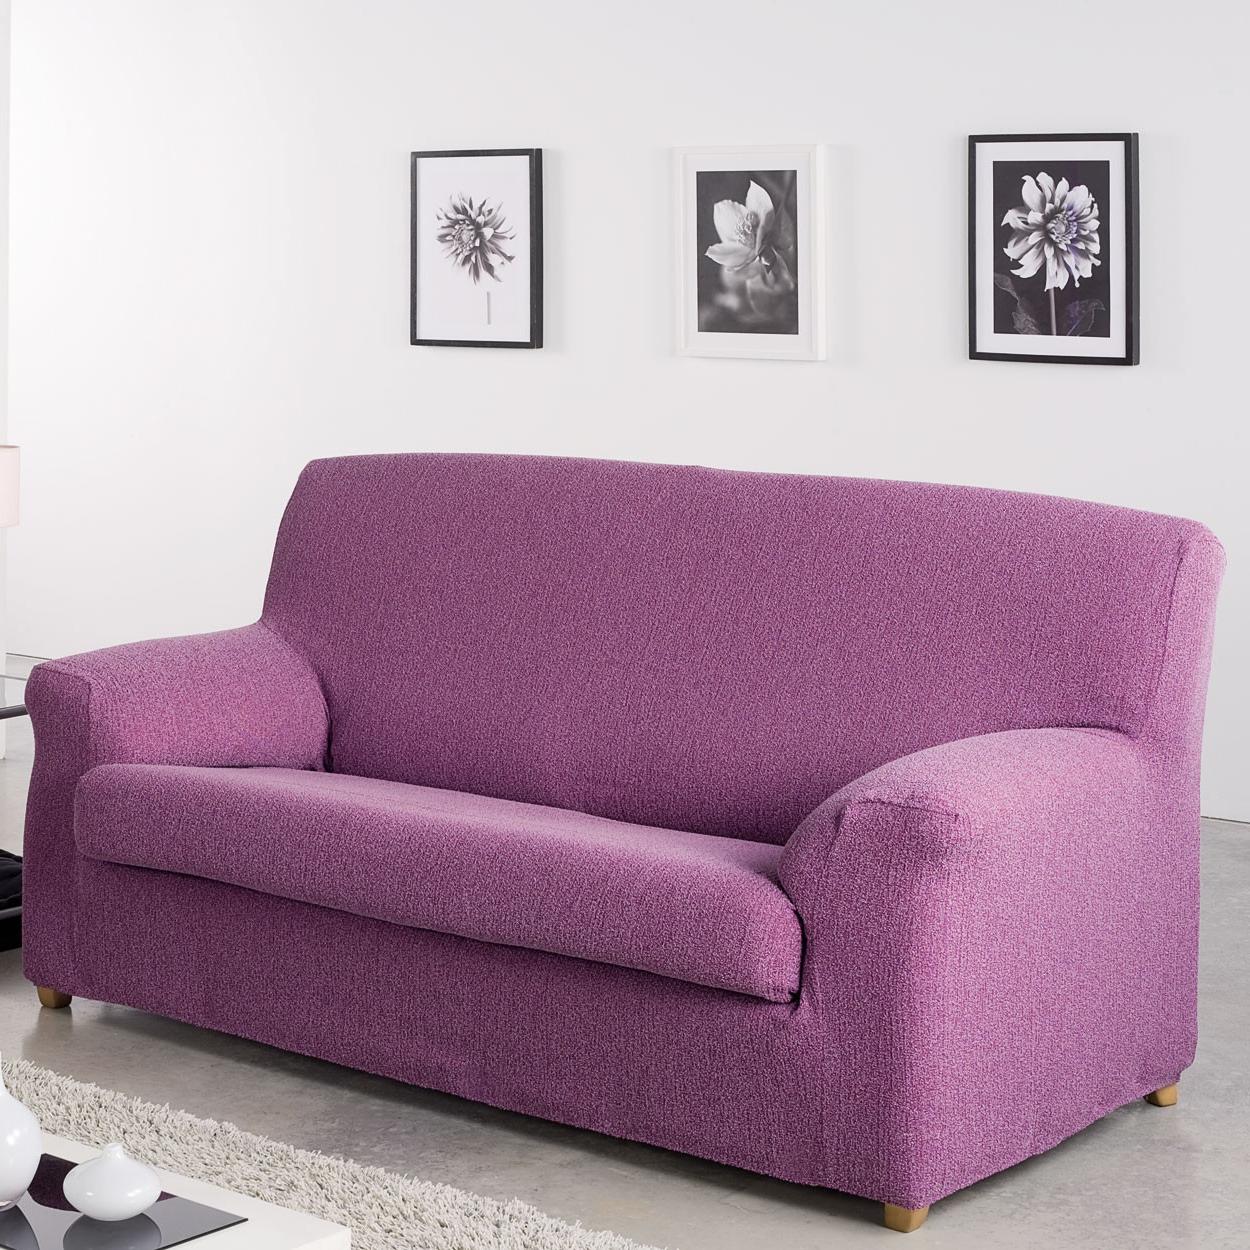 Fundas sofa Elasticas Y7du Funda sofà Elà Stica Duplex atlas